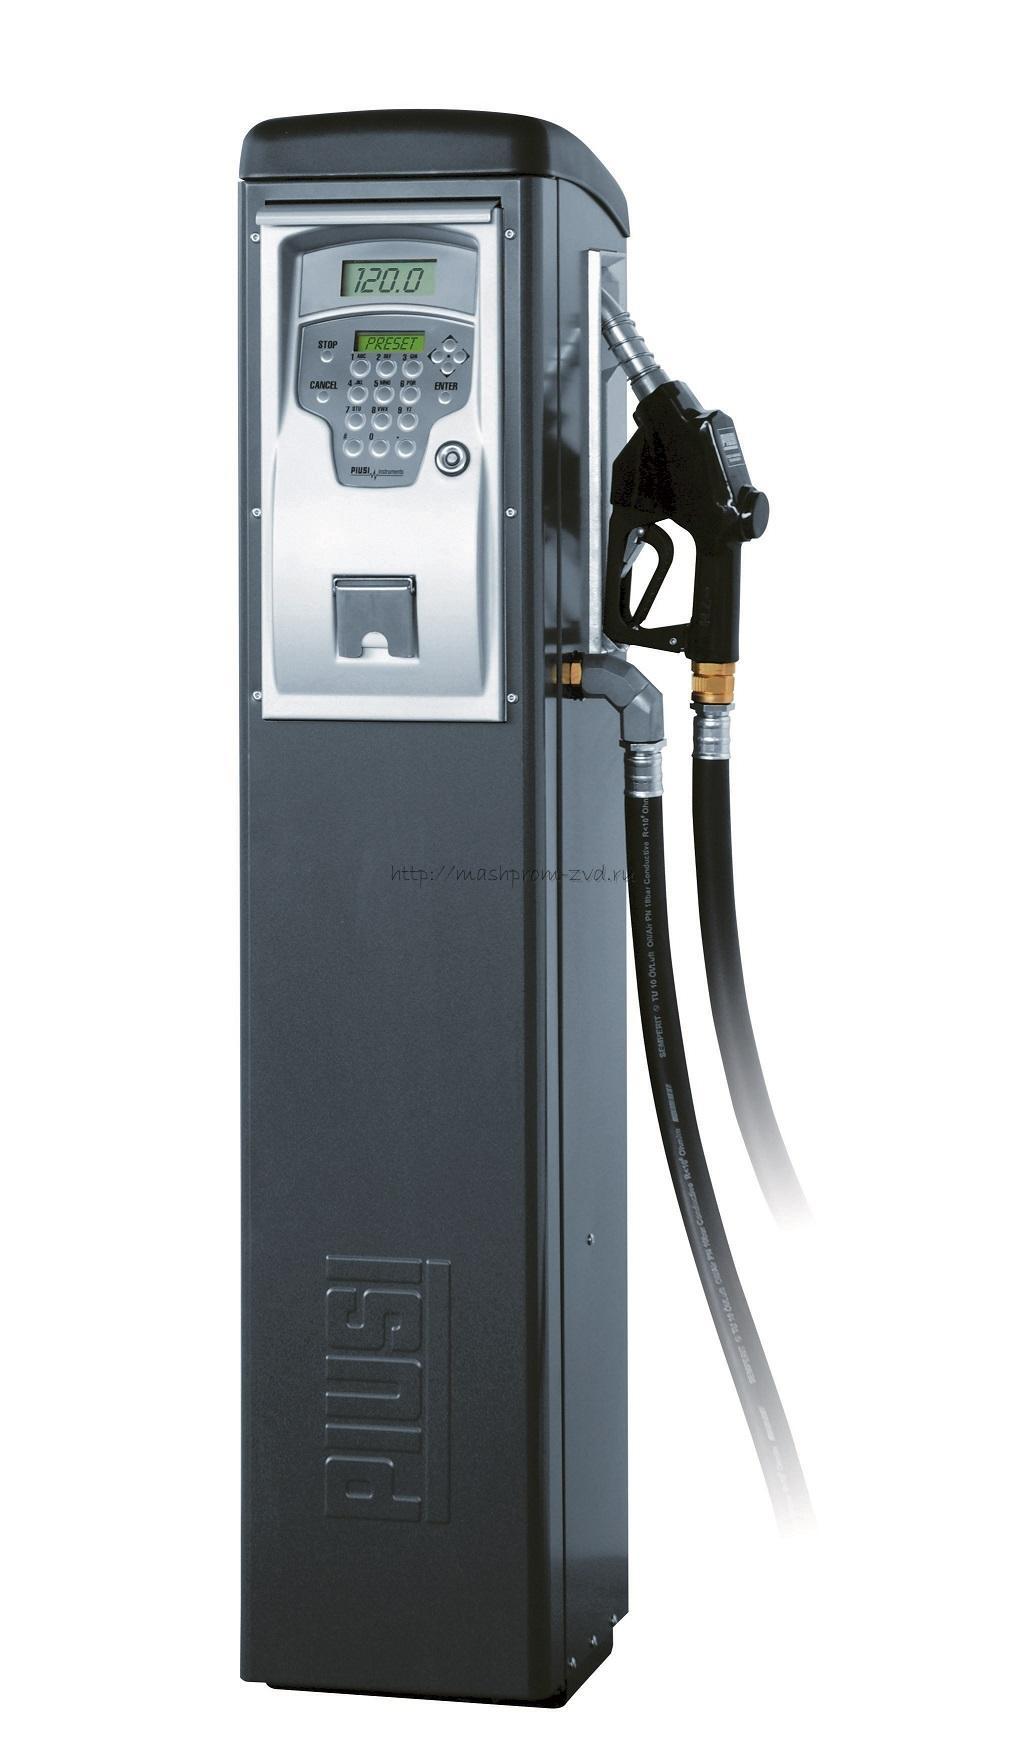 Self Service 70 FM tank арт. F00739B0C - Программируемая раздаточная колонка для ДТ с принтером чеков, 70 л/мин